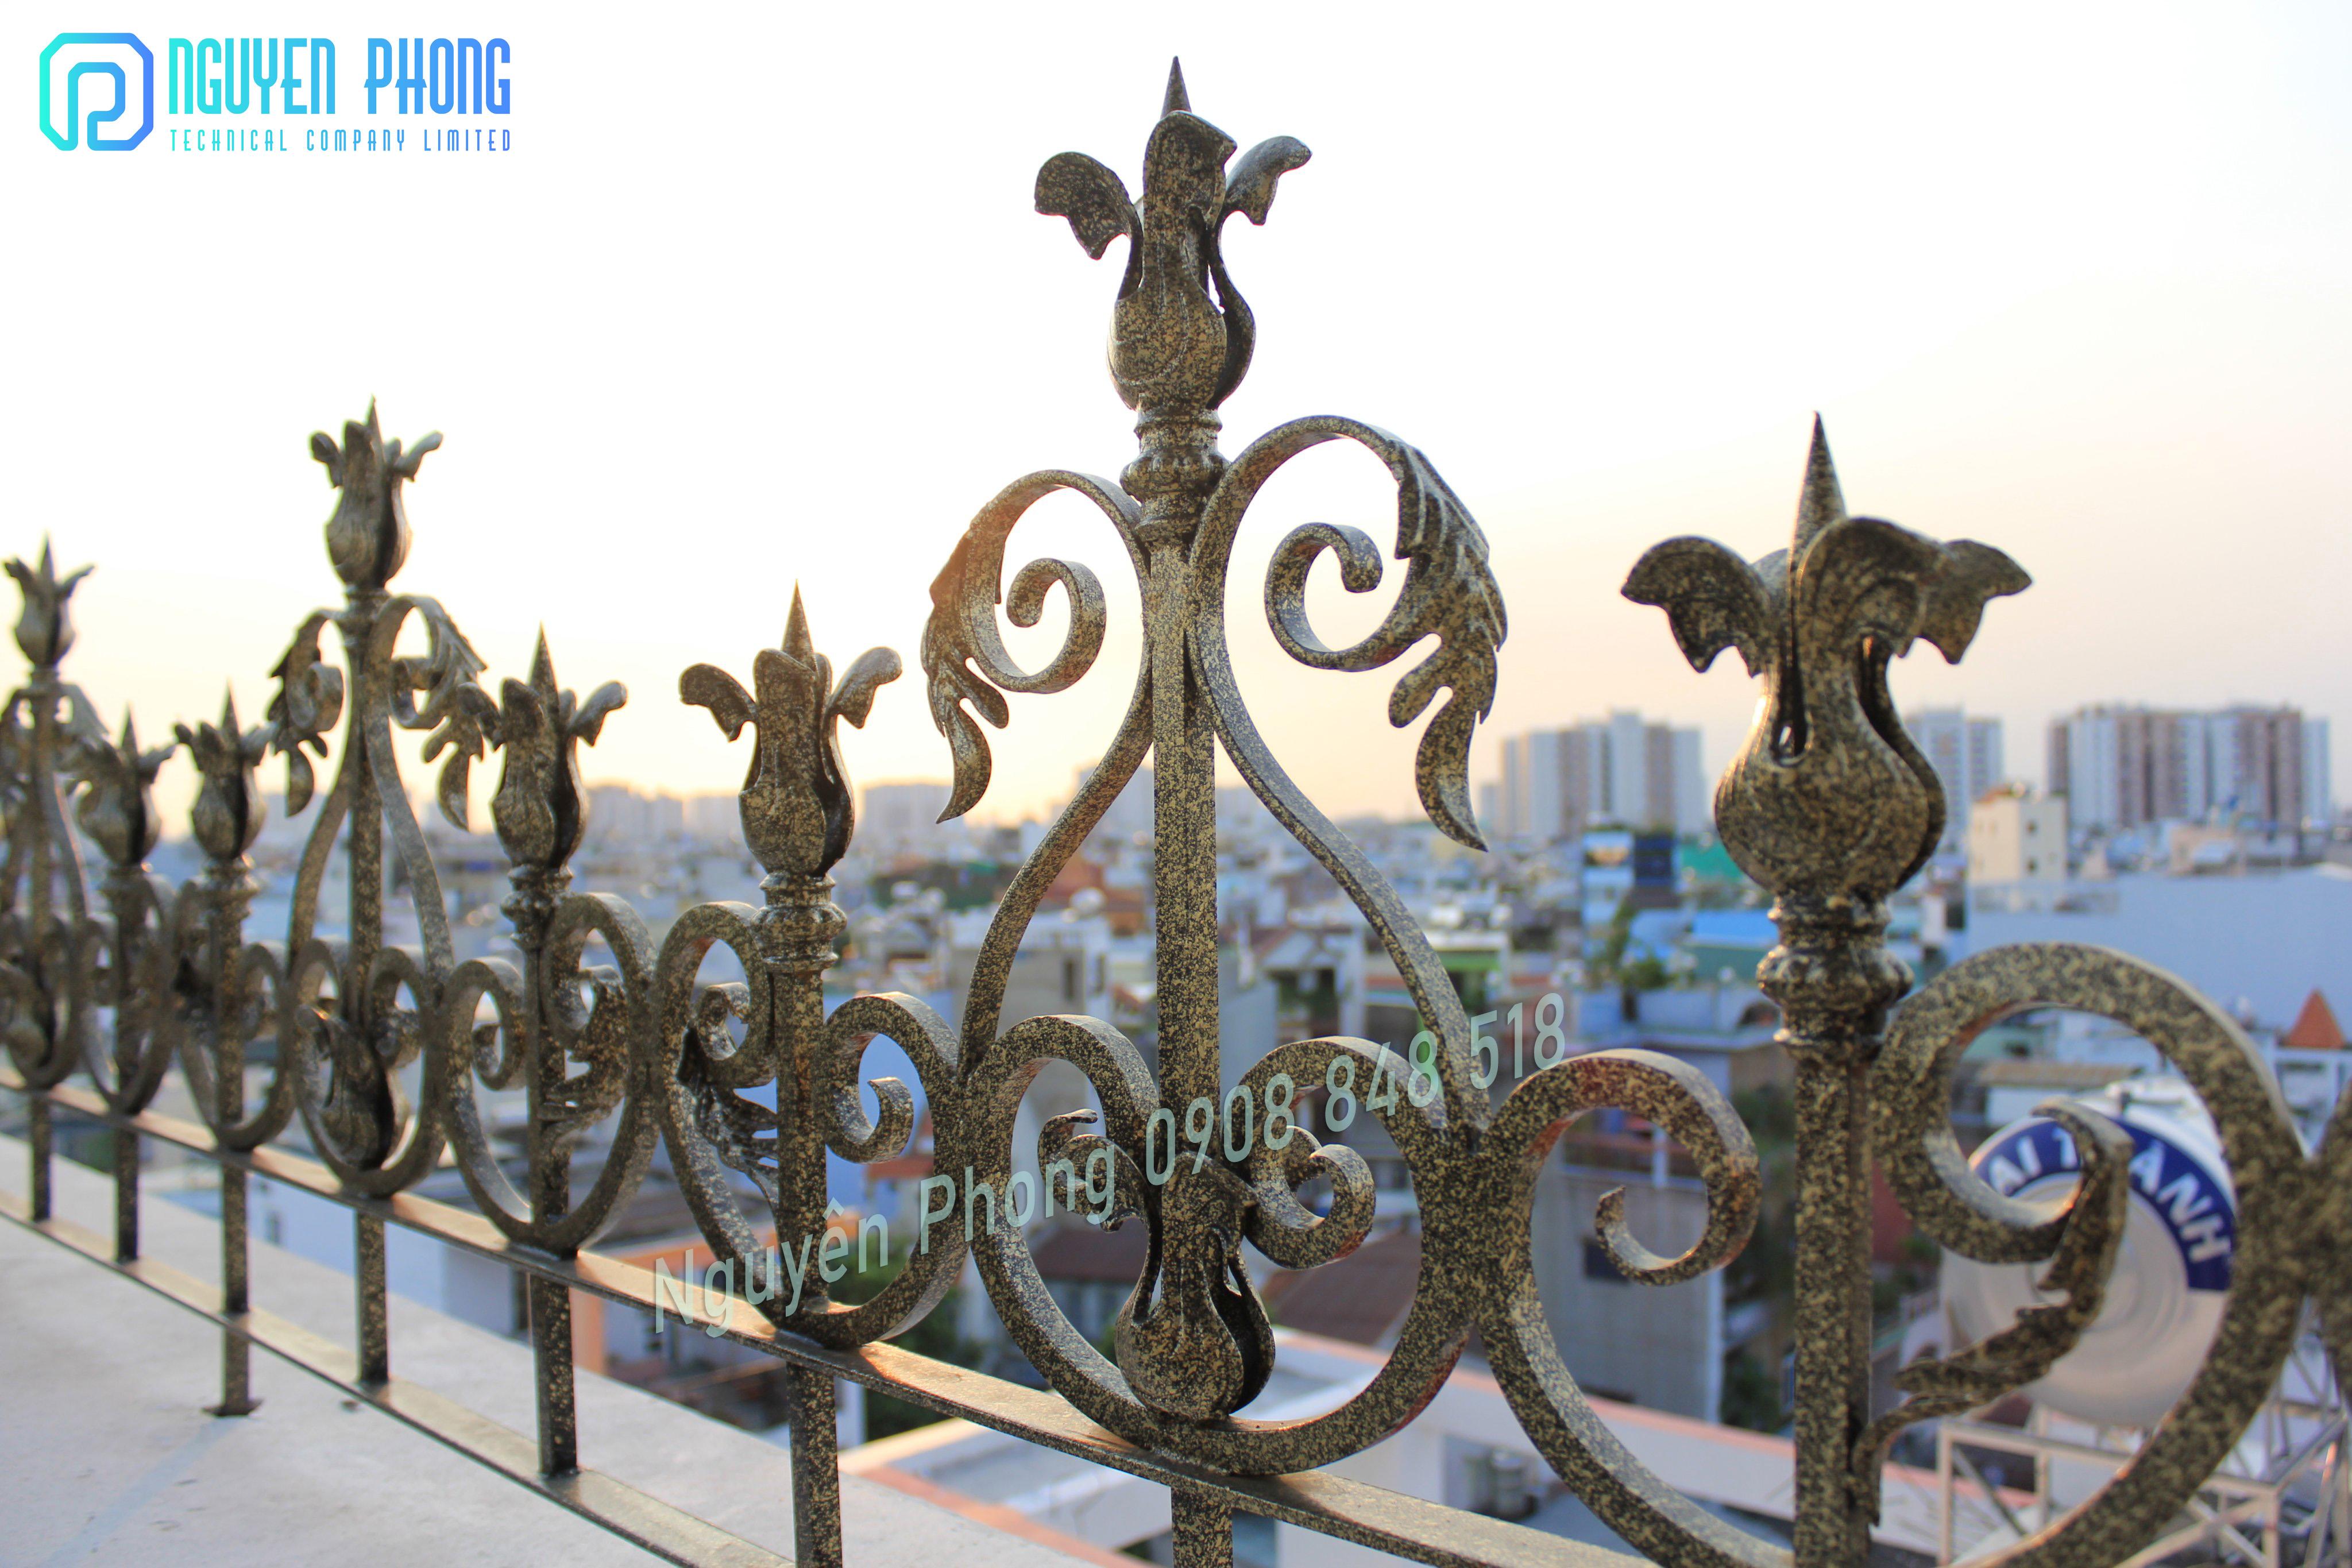 Top mẫu hàng rào sắt mỹ thuật đẹp trang trí hàng rào mặt tiền cho biệt thự, nhà phố sắt nghệ thuật cao cấp